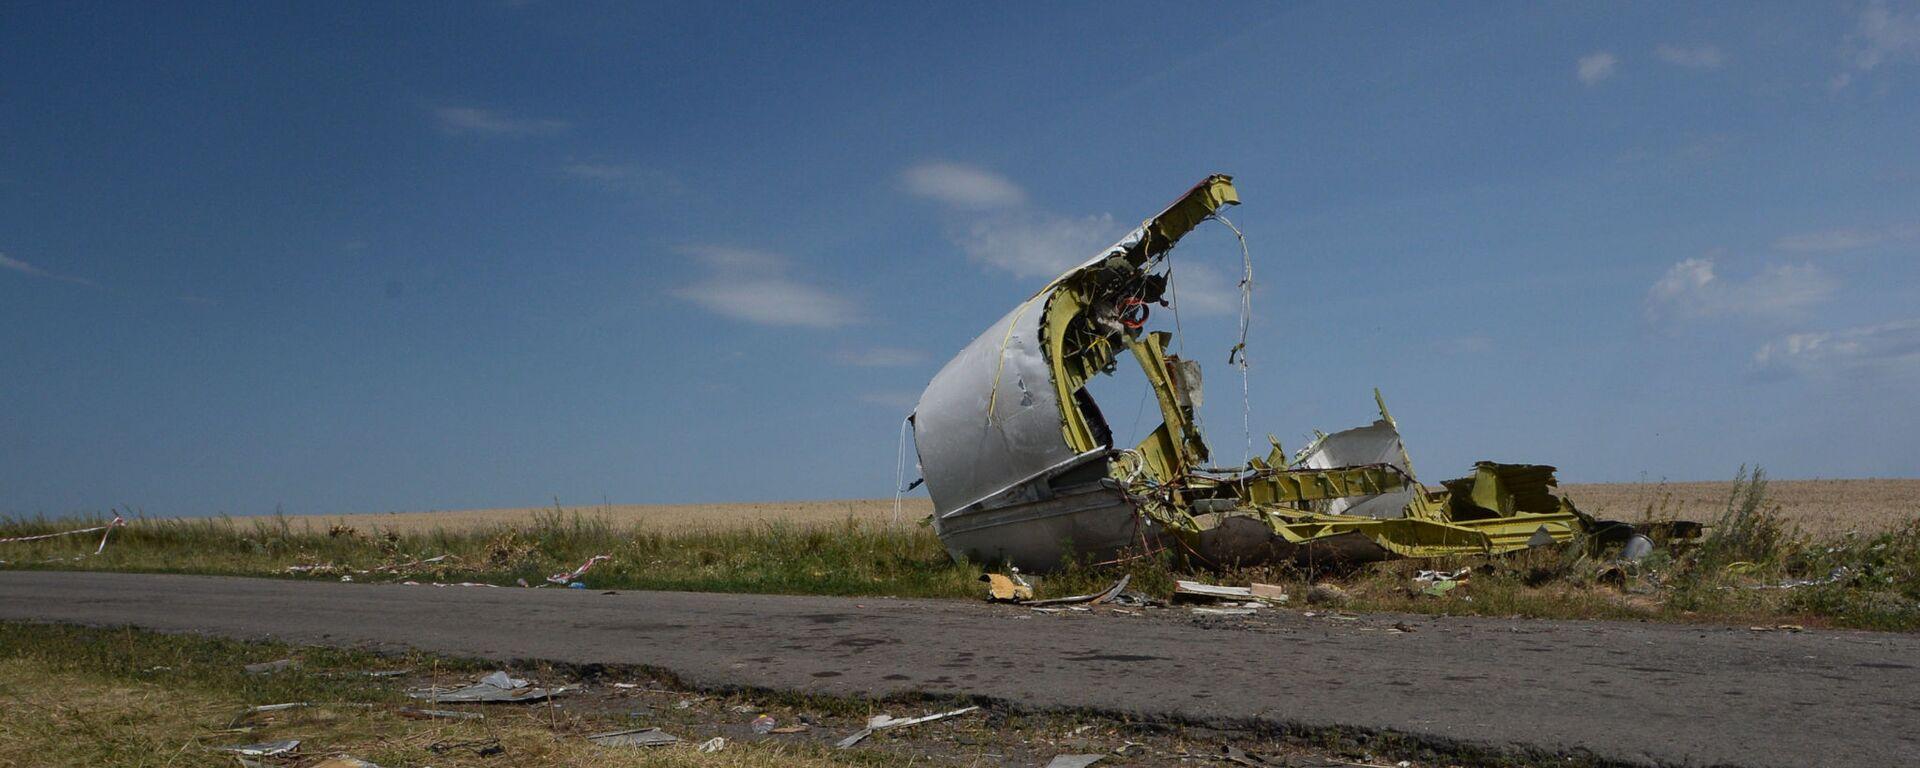 Na miejscu katastrofy malezyjskiego Boeinga 777 w obwodzie Donieckim. - Sputnik Polska, 1920, 24.07.2021